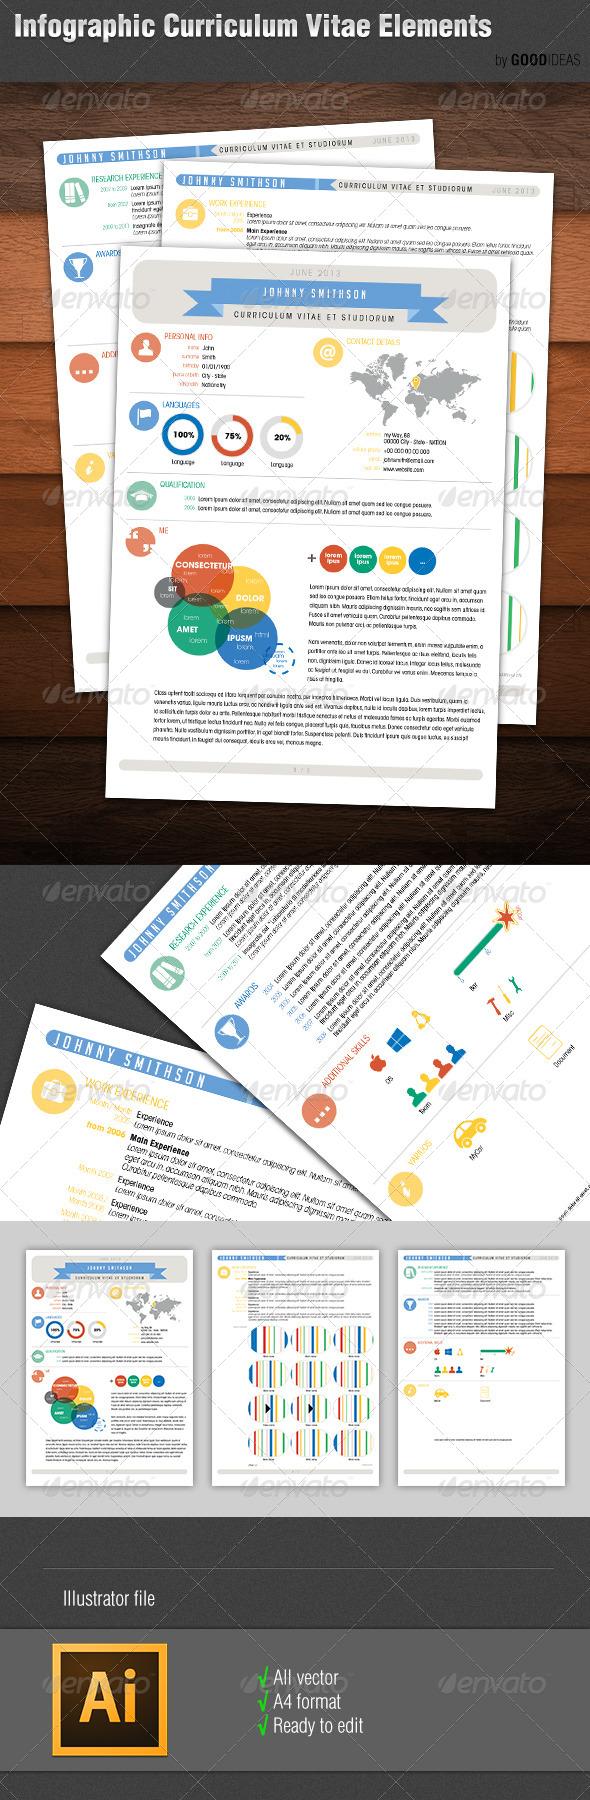 GraphicRiver Infographic Curriculum Vitae Resume Elements 5238032